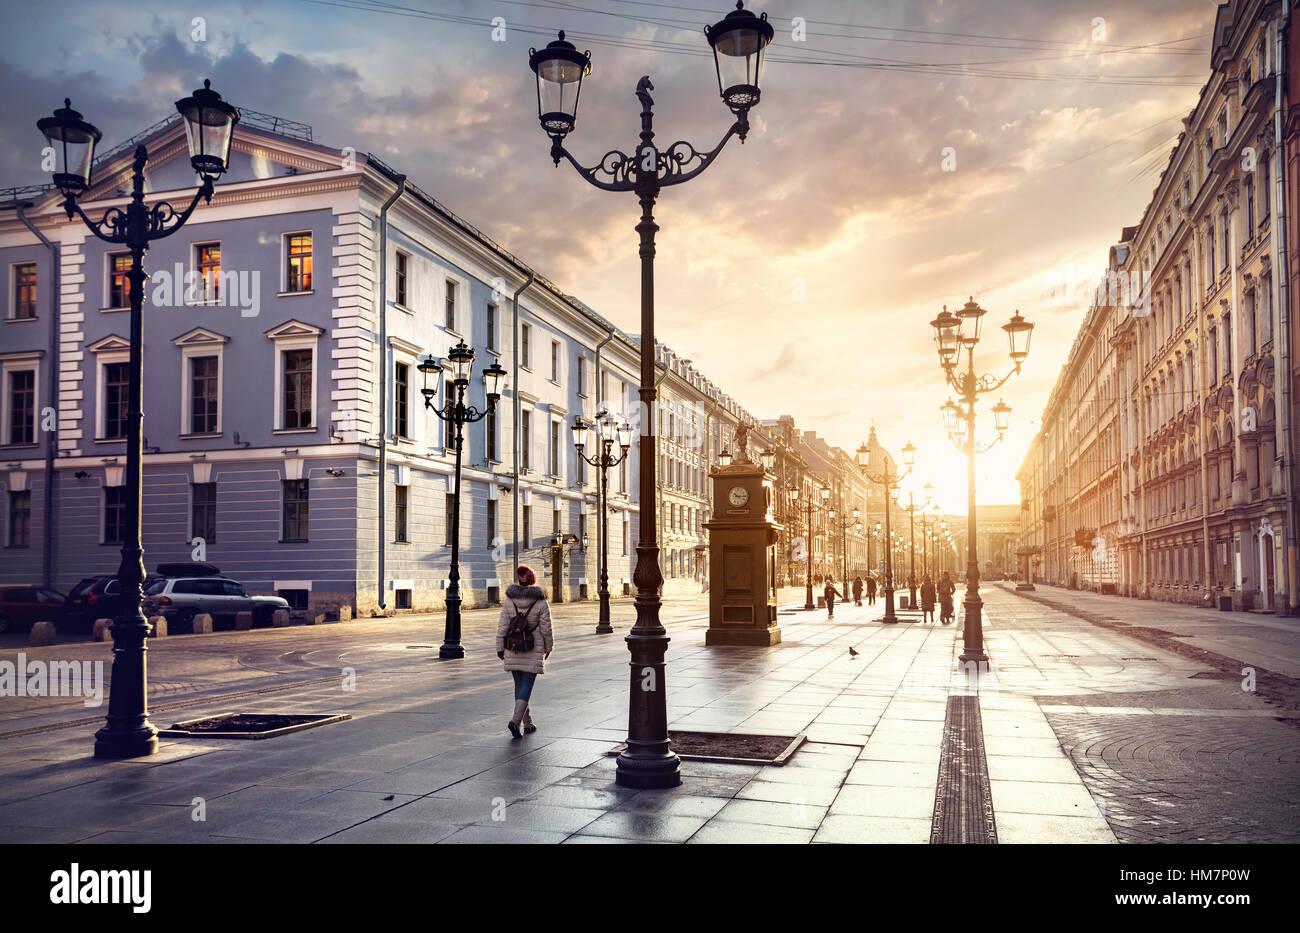 Chaqueta de Mujer de Blanco caminando Malaya Konyushennaya street con linternas y ol edificios en San Petersburgo Imagen De Stock